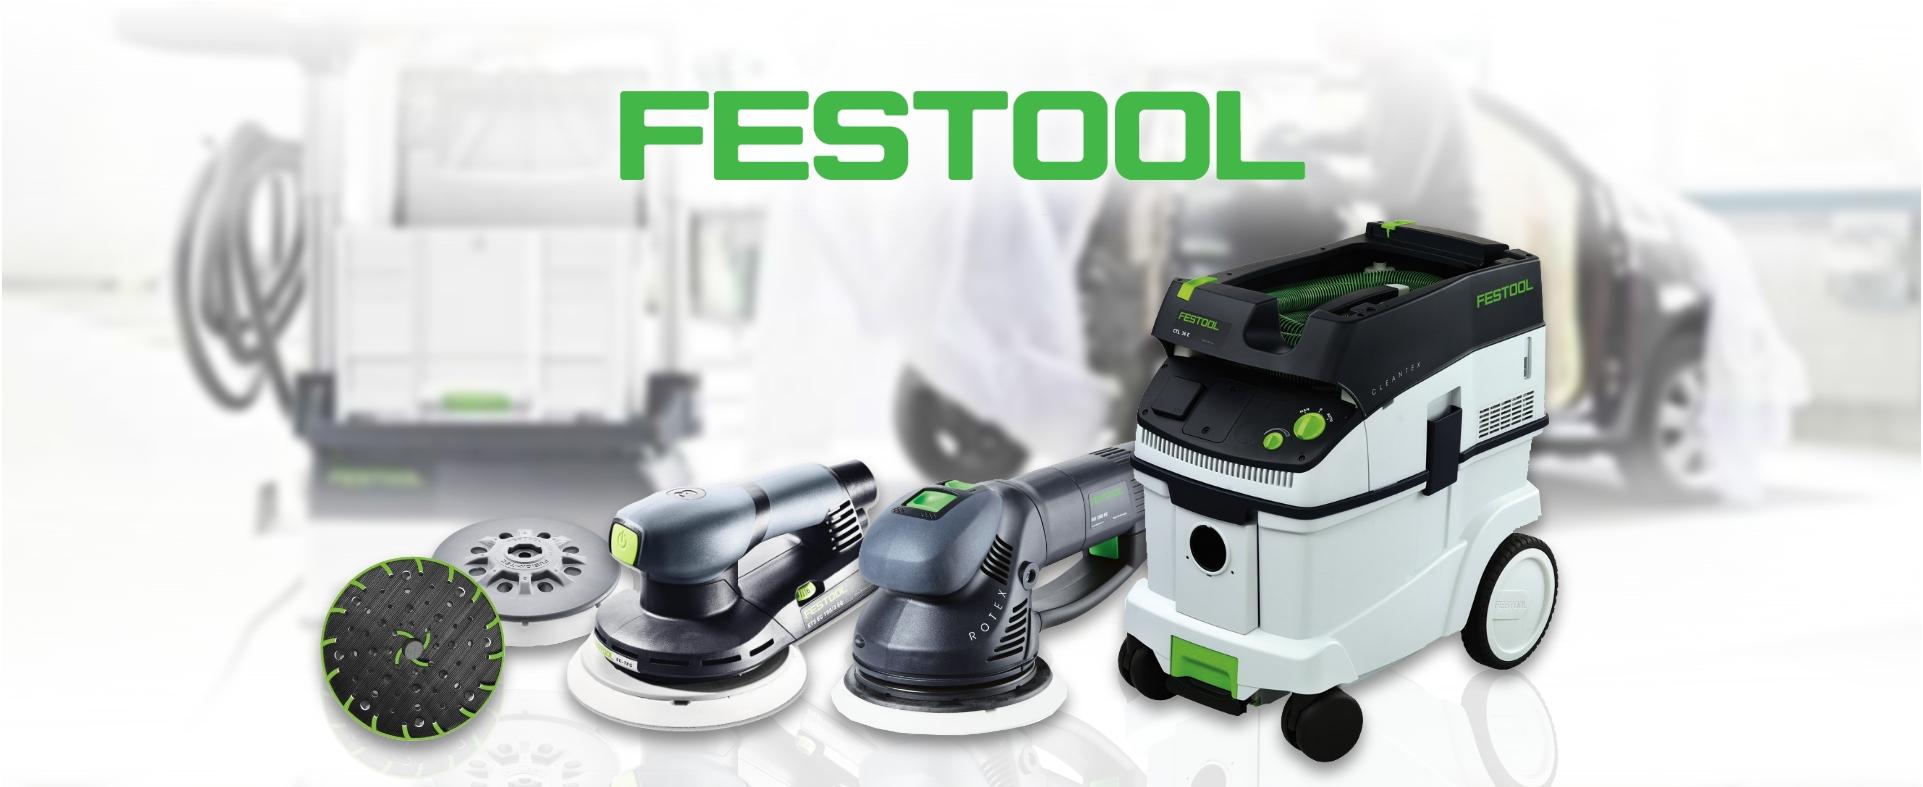 Profesionalni sistemi brušenja Festool